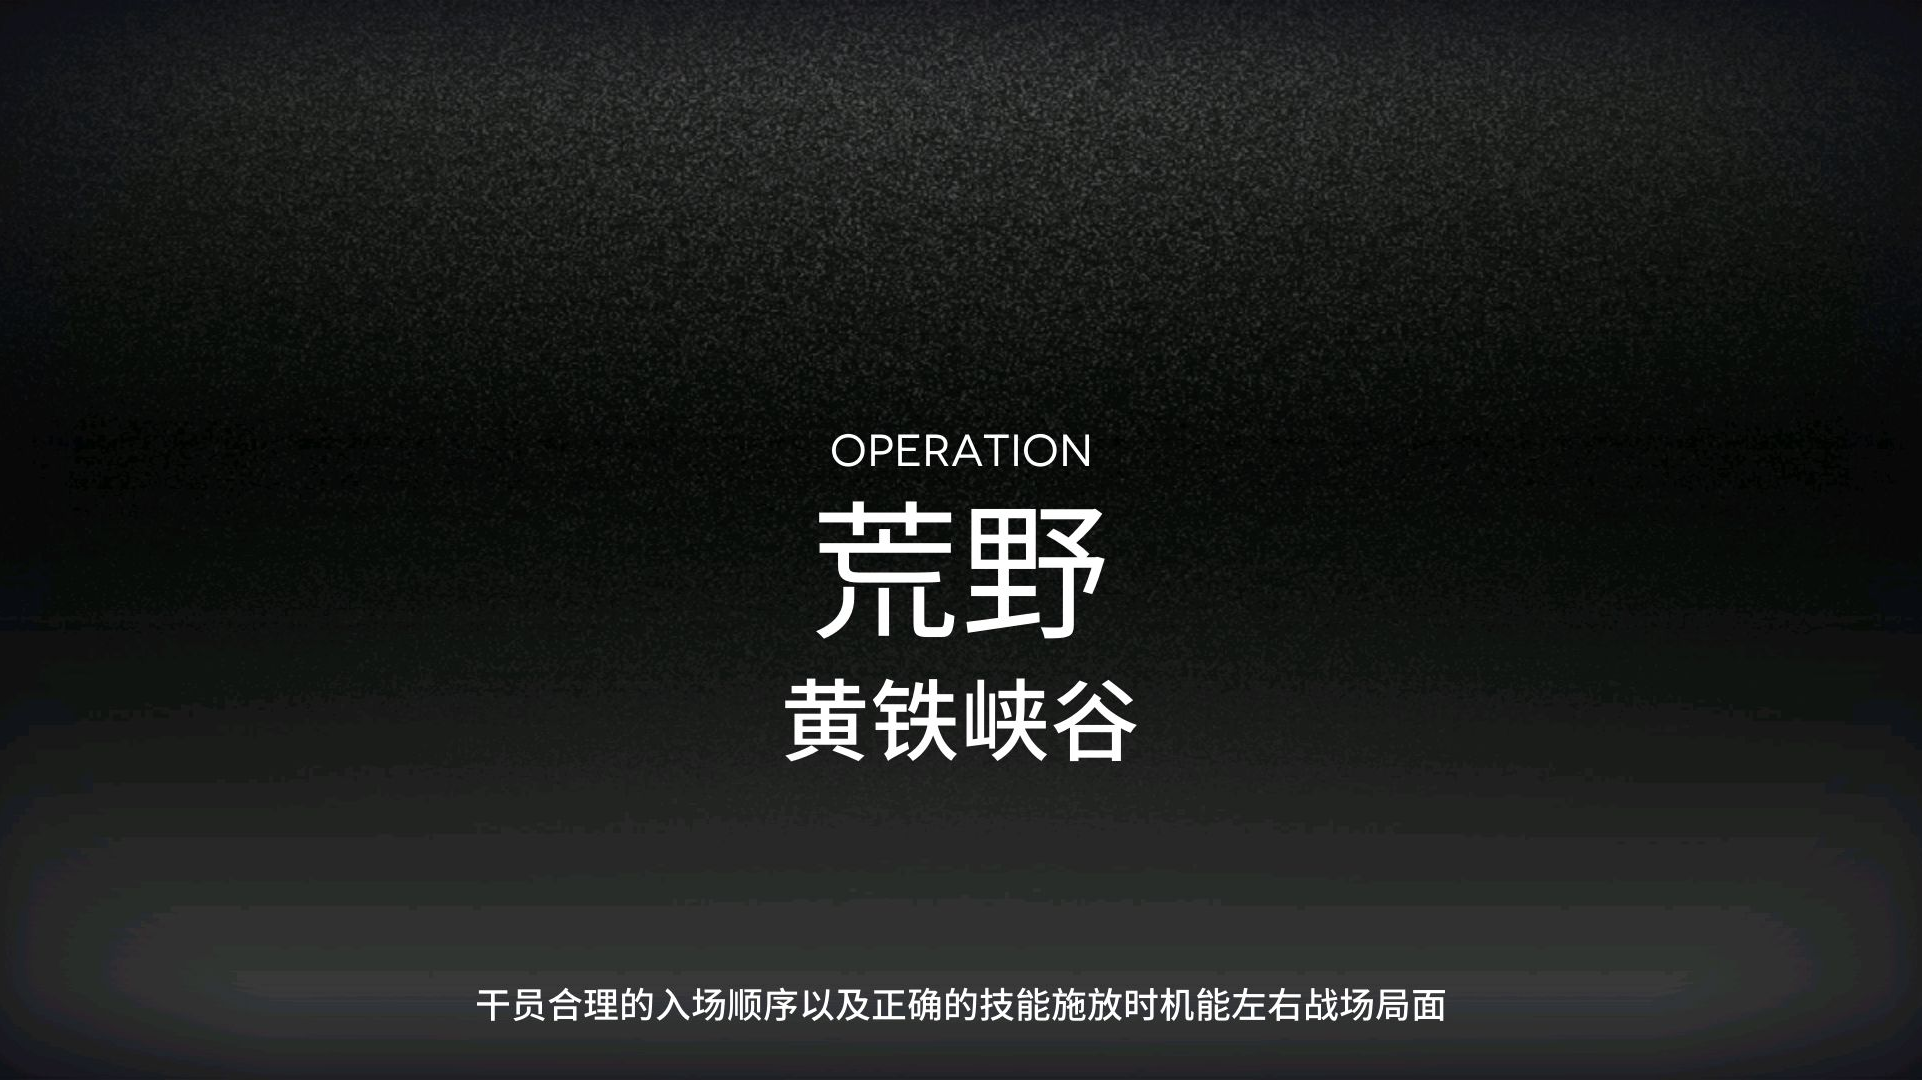 【明日方舟】【每日轮换】黄铁峡谷合约8 2020-8-7